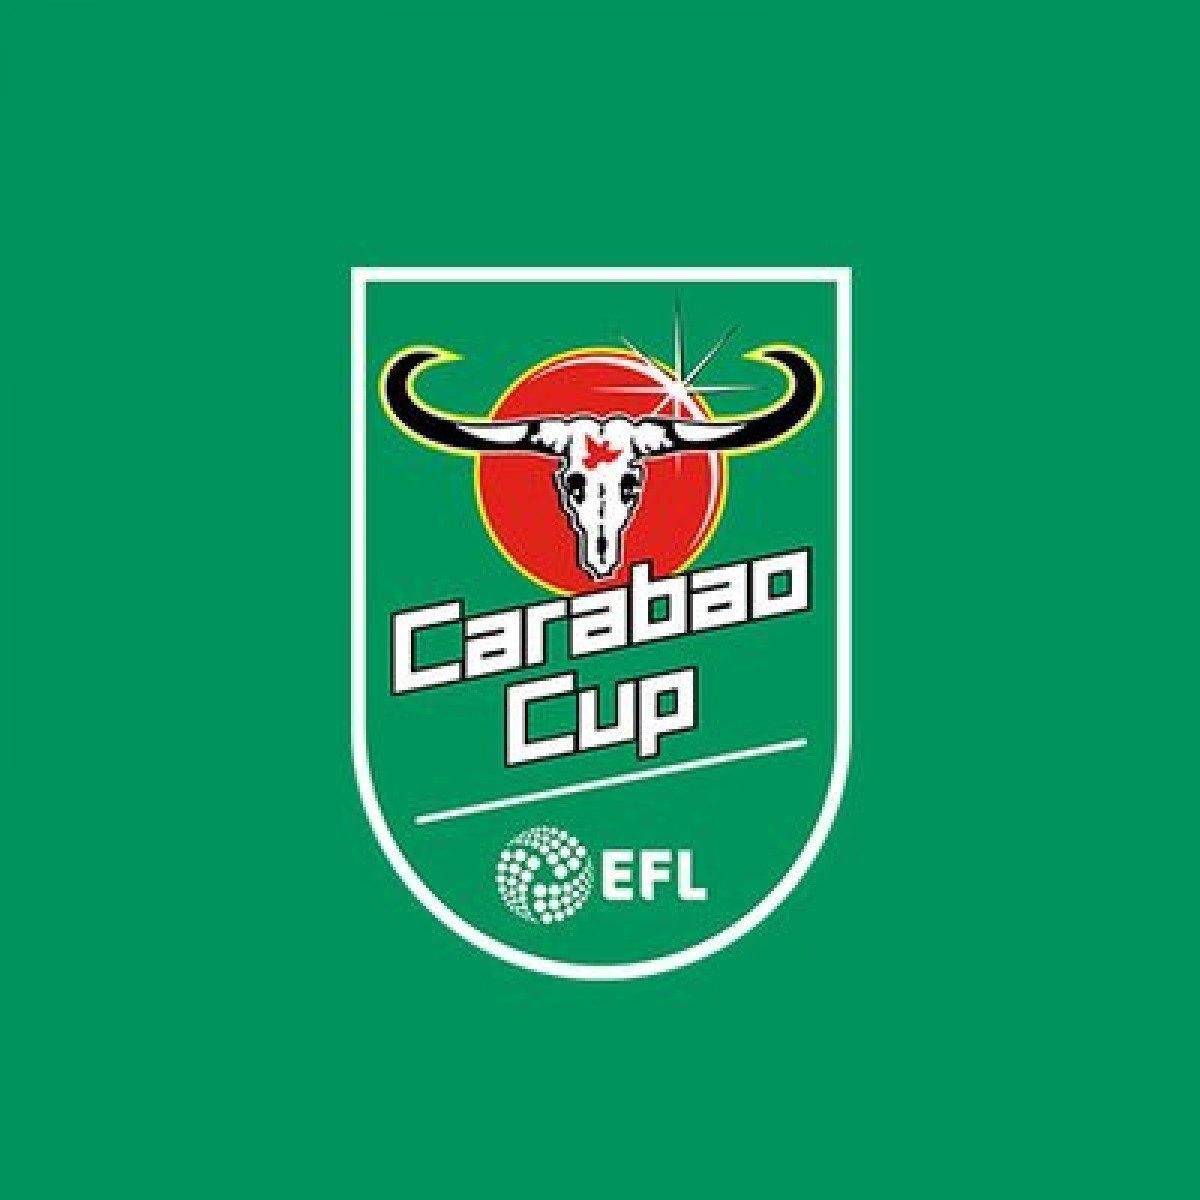 Carabao Cup inglese - I risultati delle gare di ieri